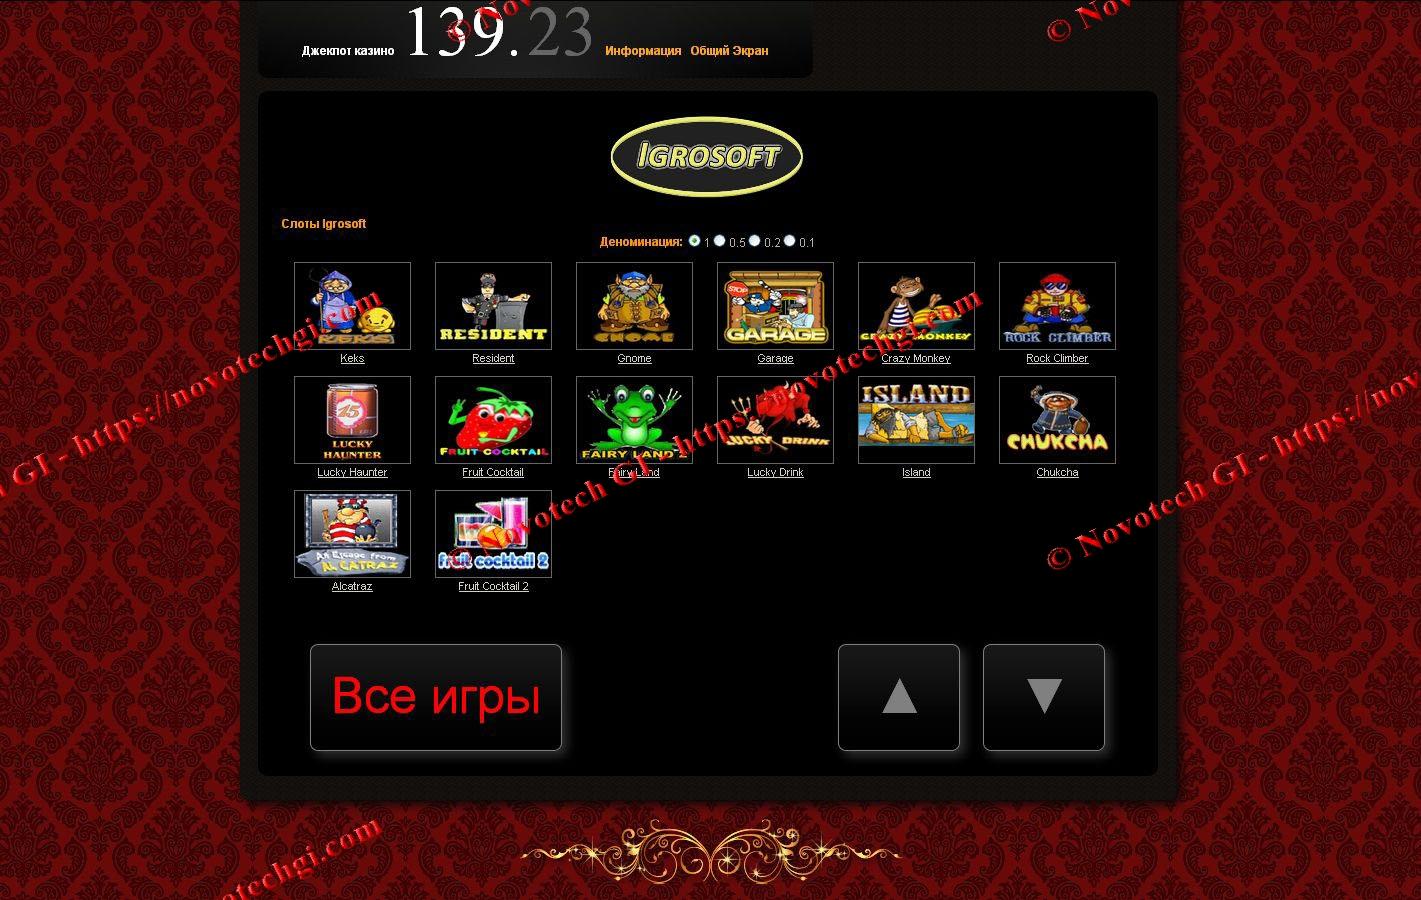 Игры Из Игровых Автоматов Играть Онлайн